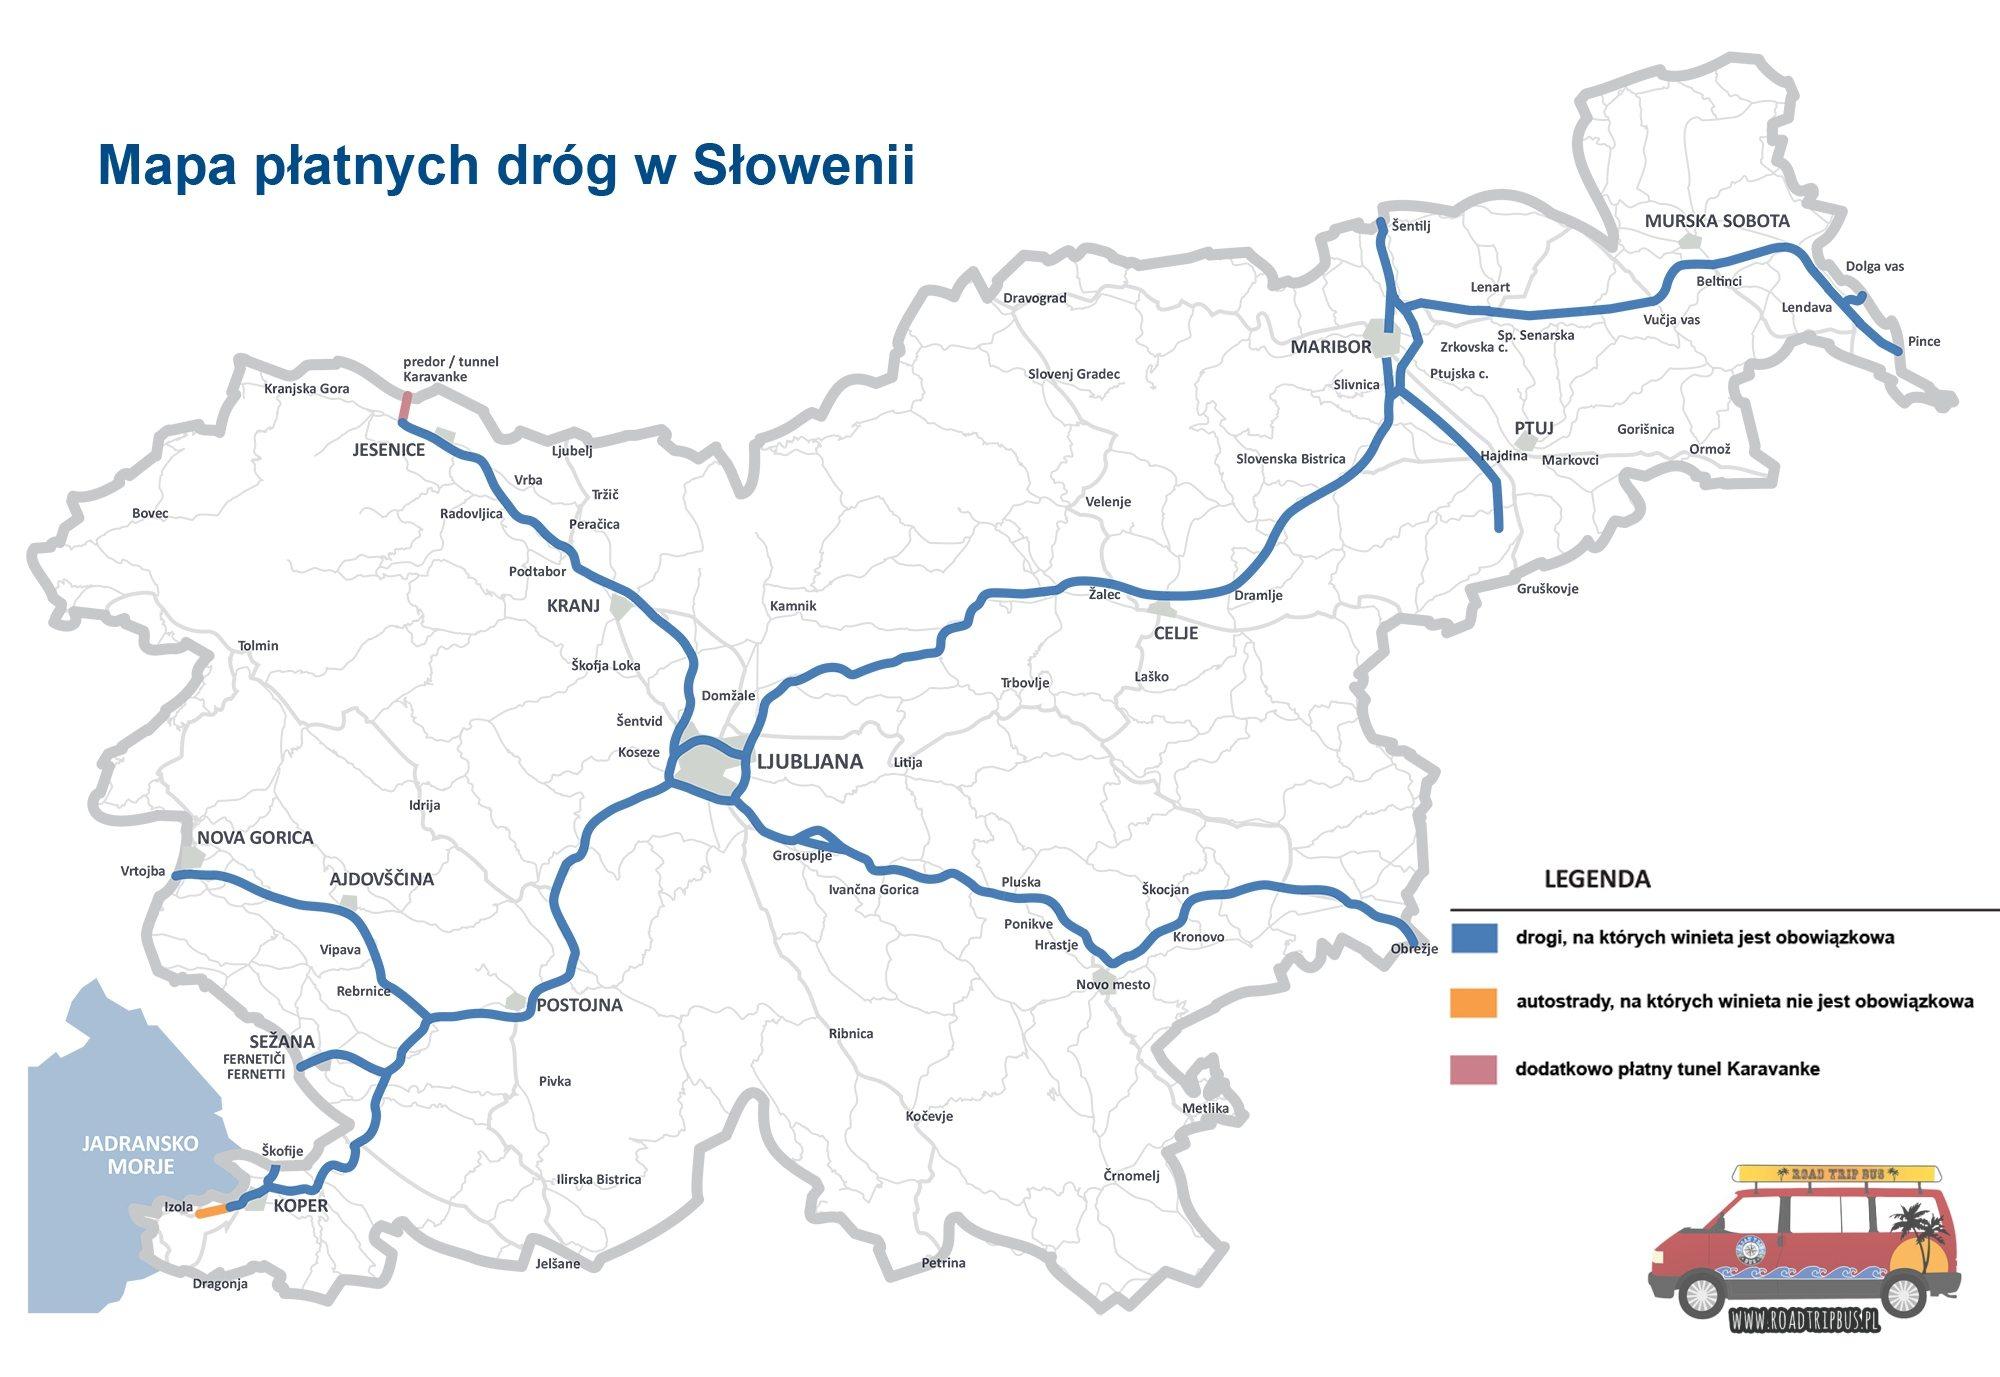 mapa płatnych dróg słowenia